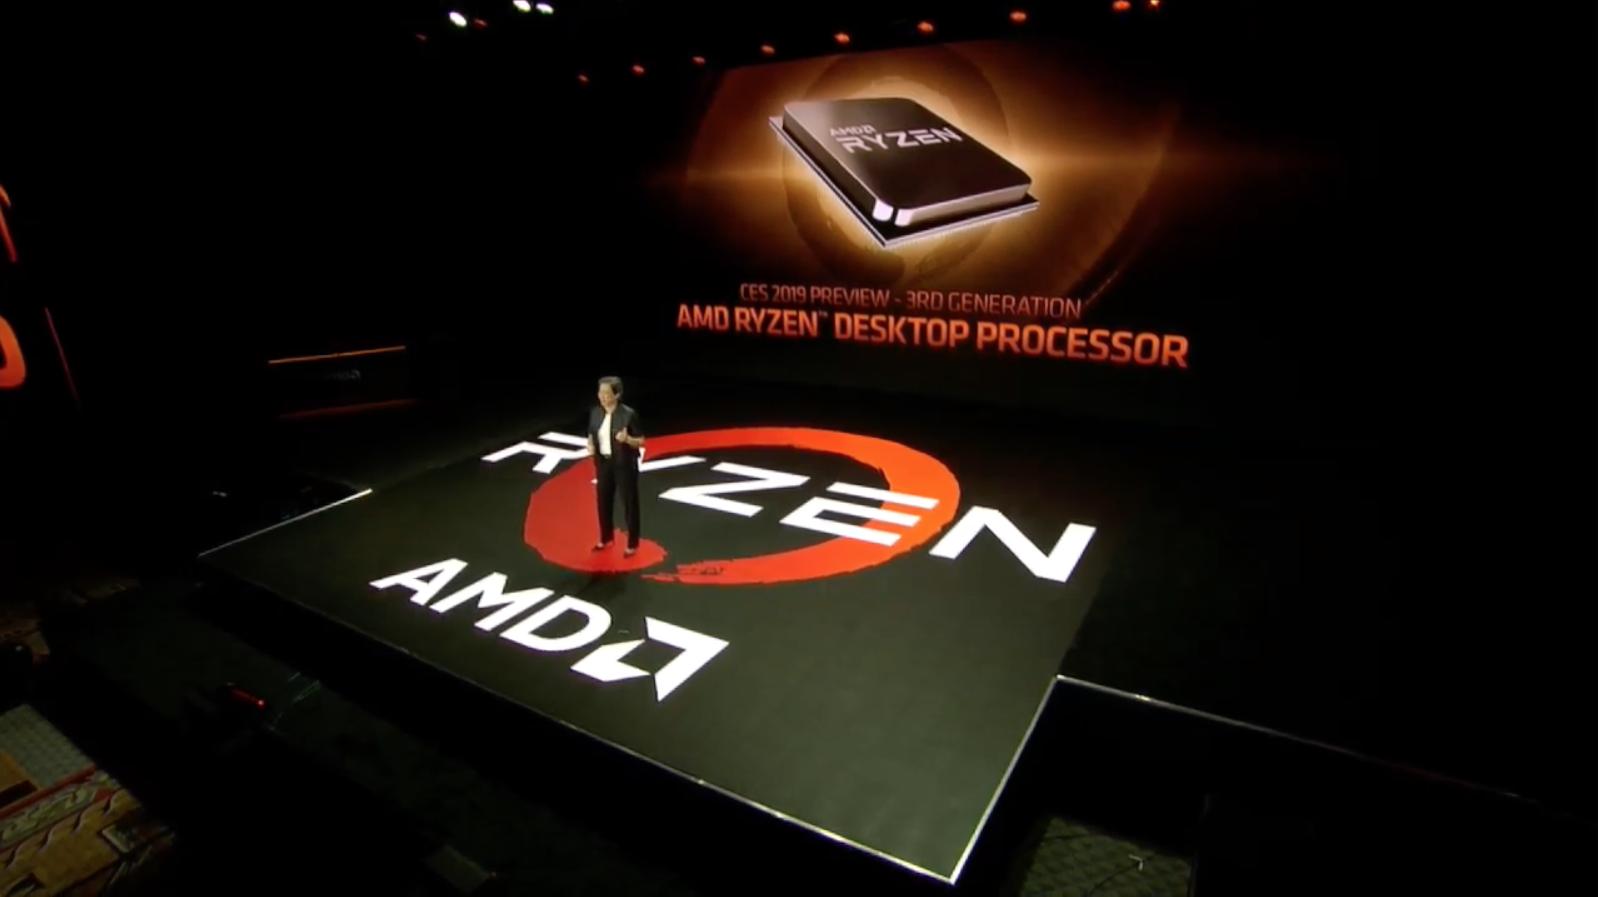 AMD Ryzen 3000 анонсированы на CES 2019; протестирован инженерный образец. Новые AMD Epyc скоро станут доступны